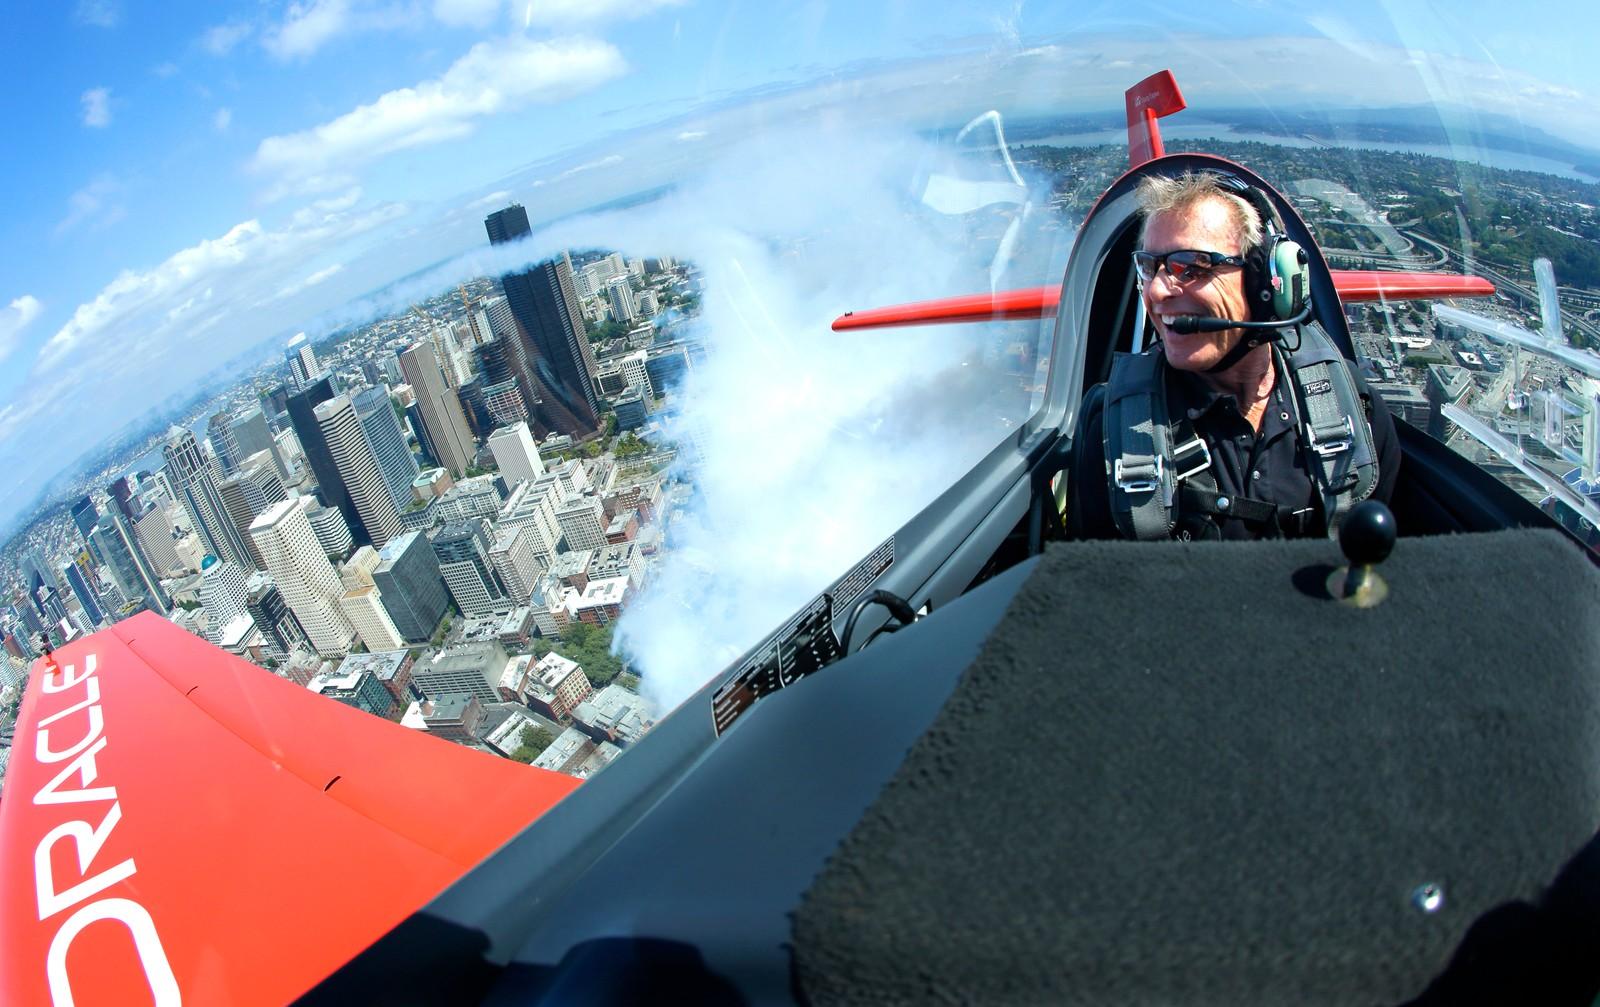 Den berømte luftakrobaten Sean D. Tucker legger igjen en stripe med røyk over Seattle den 3. august. Han forberedte seg på det årlige Seafair Airshow som startet den 5. august.